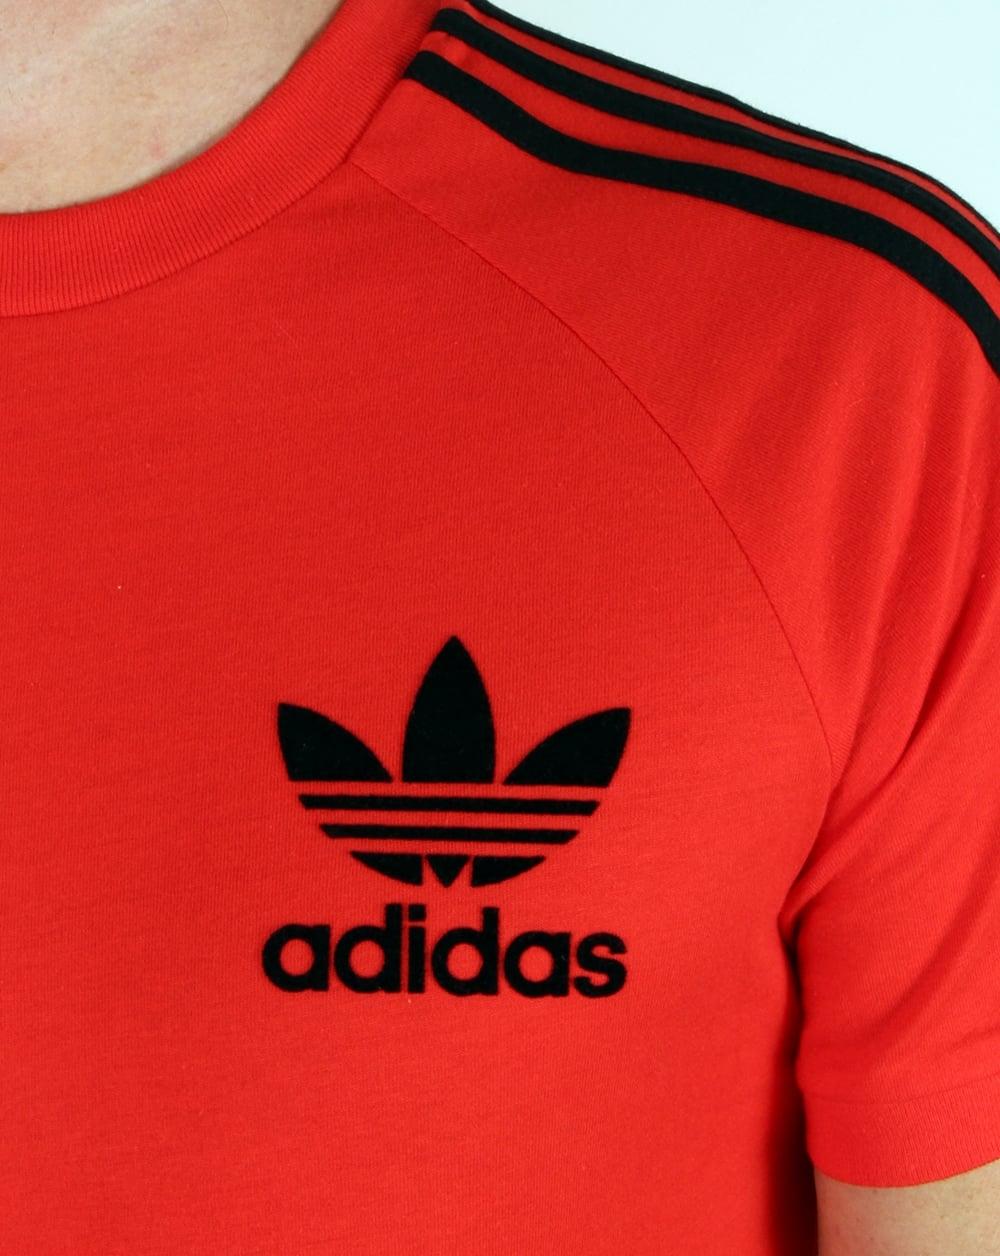 adidas originals retro 3 stripes t shirt orangecalifornia